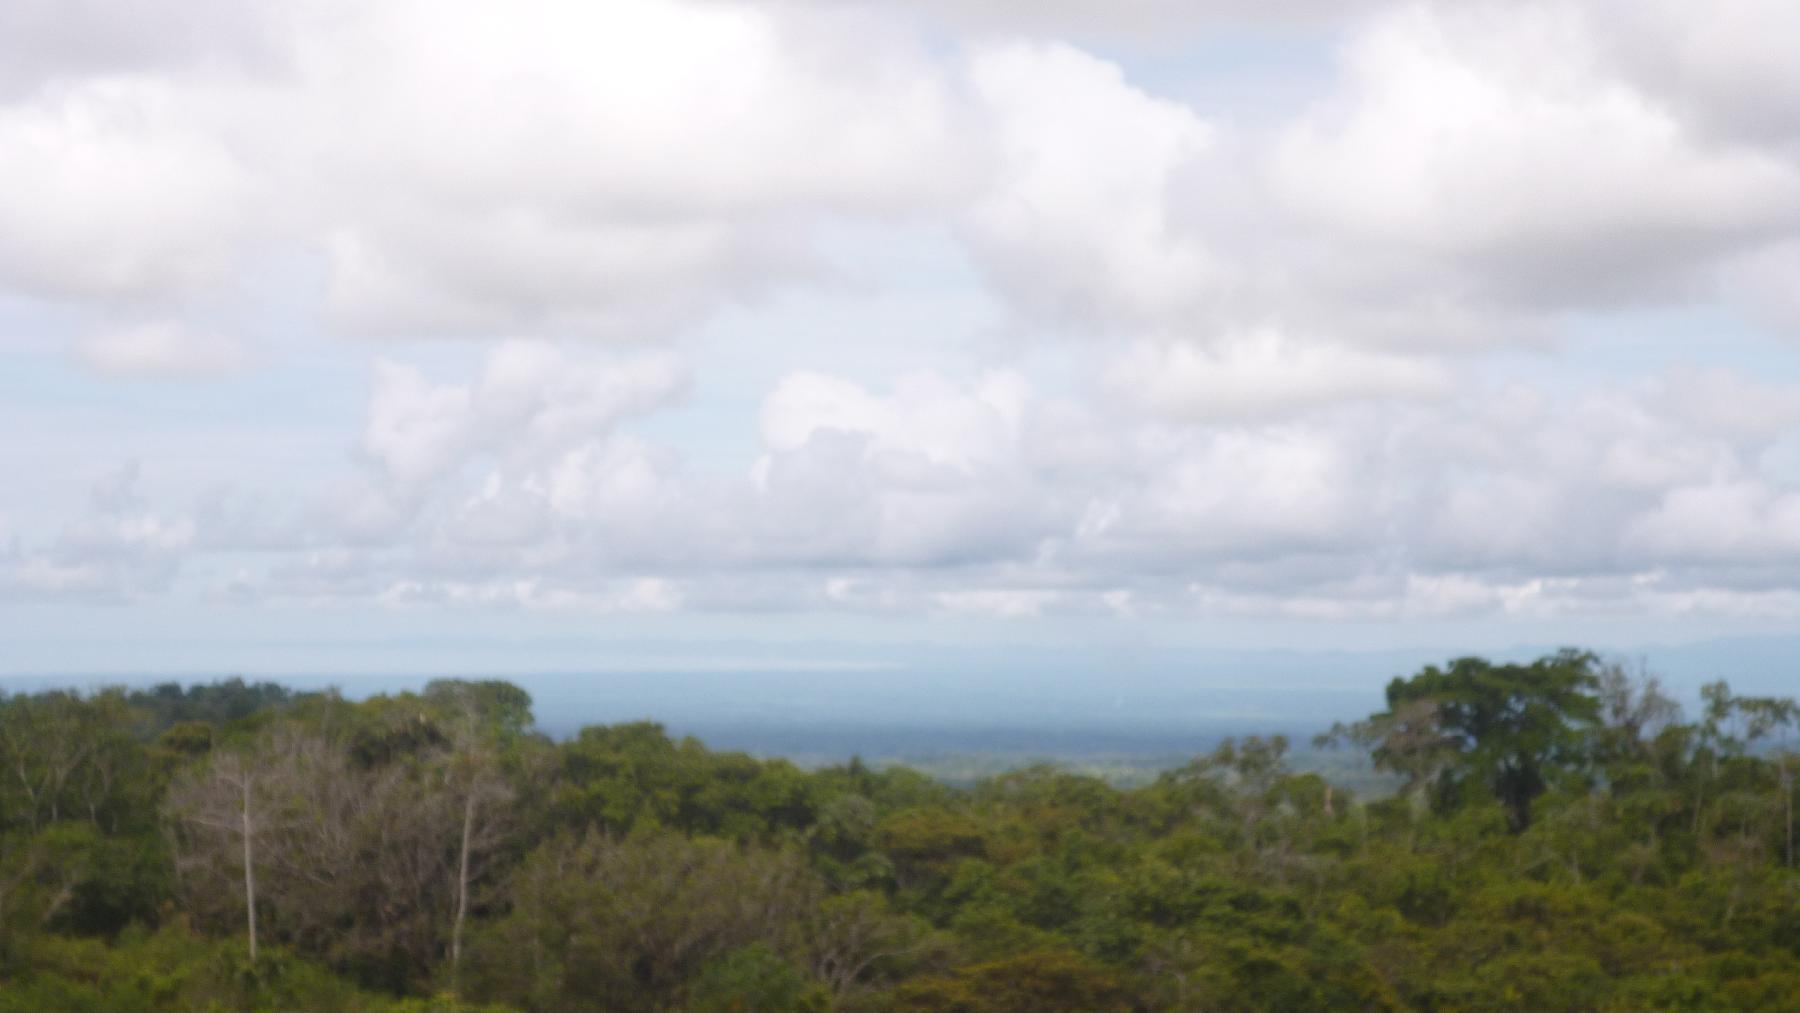 CHIRIQUI, BUGABA, OCEAN VIEW FARM IN CUESTA DE PIEDRA